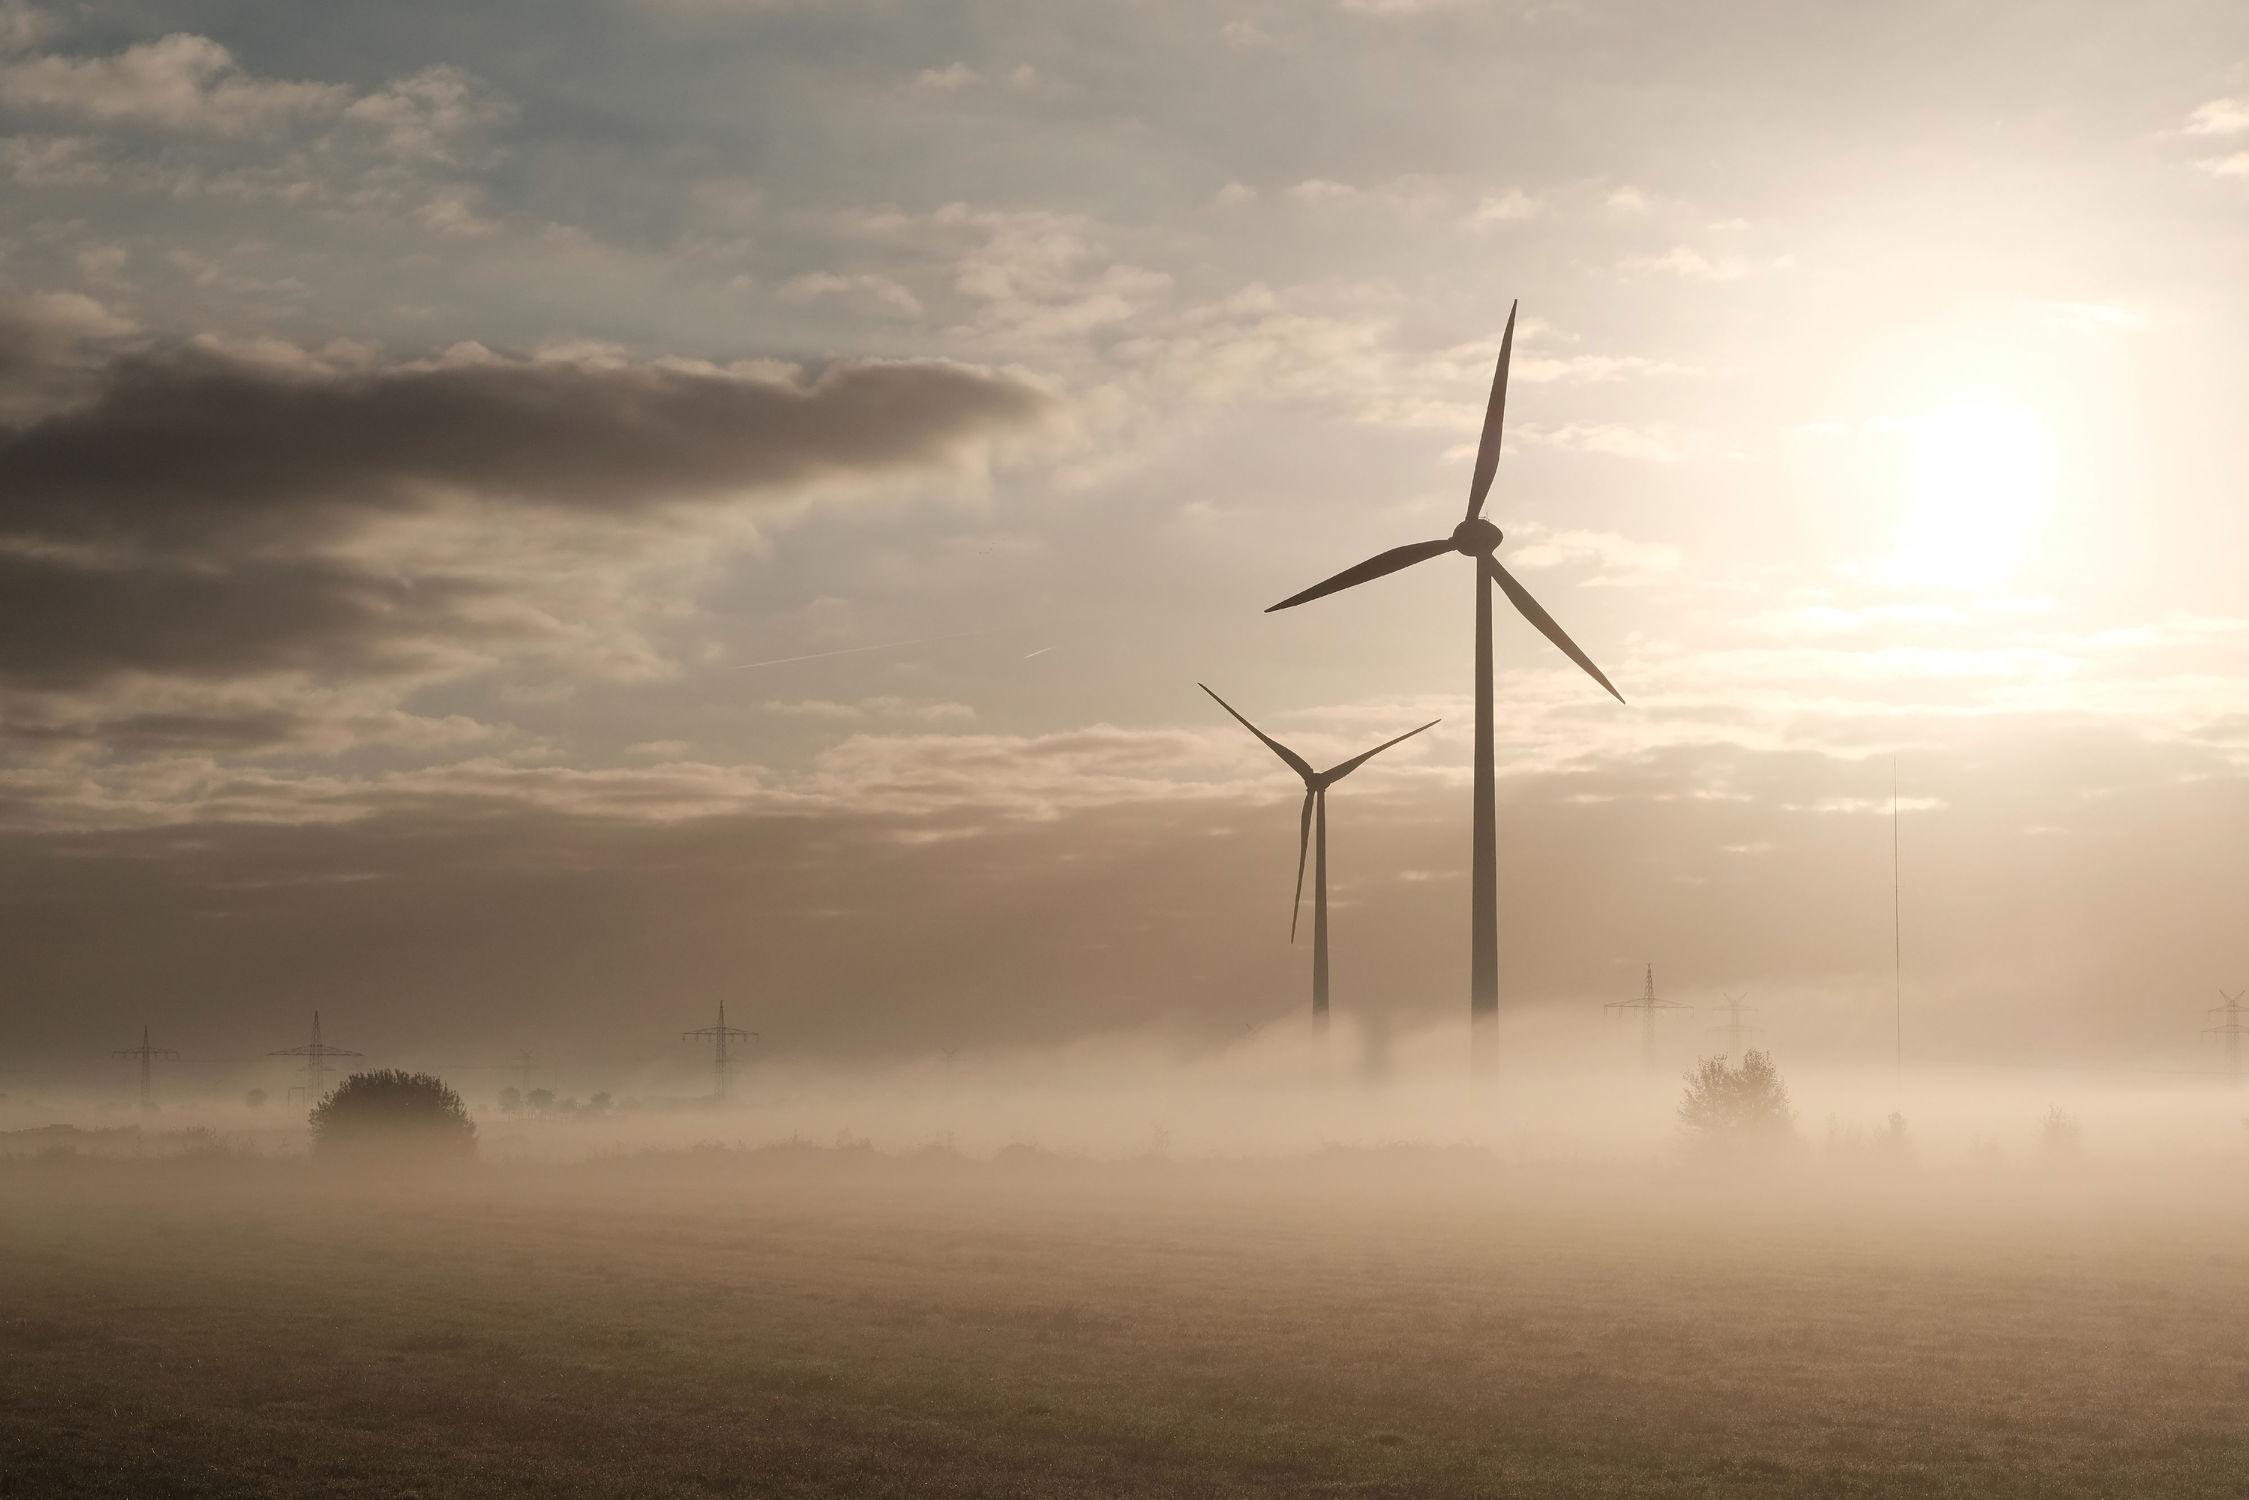 Bild mit Himmel, Wolken, Nebel, Windmühlen, Felder, Kälte, Frost, Wiesen, Sonnenlicht, Wärme, Windräder, Strom, Überlandleitungen, Öko